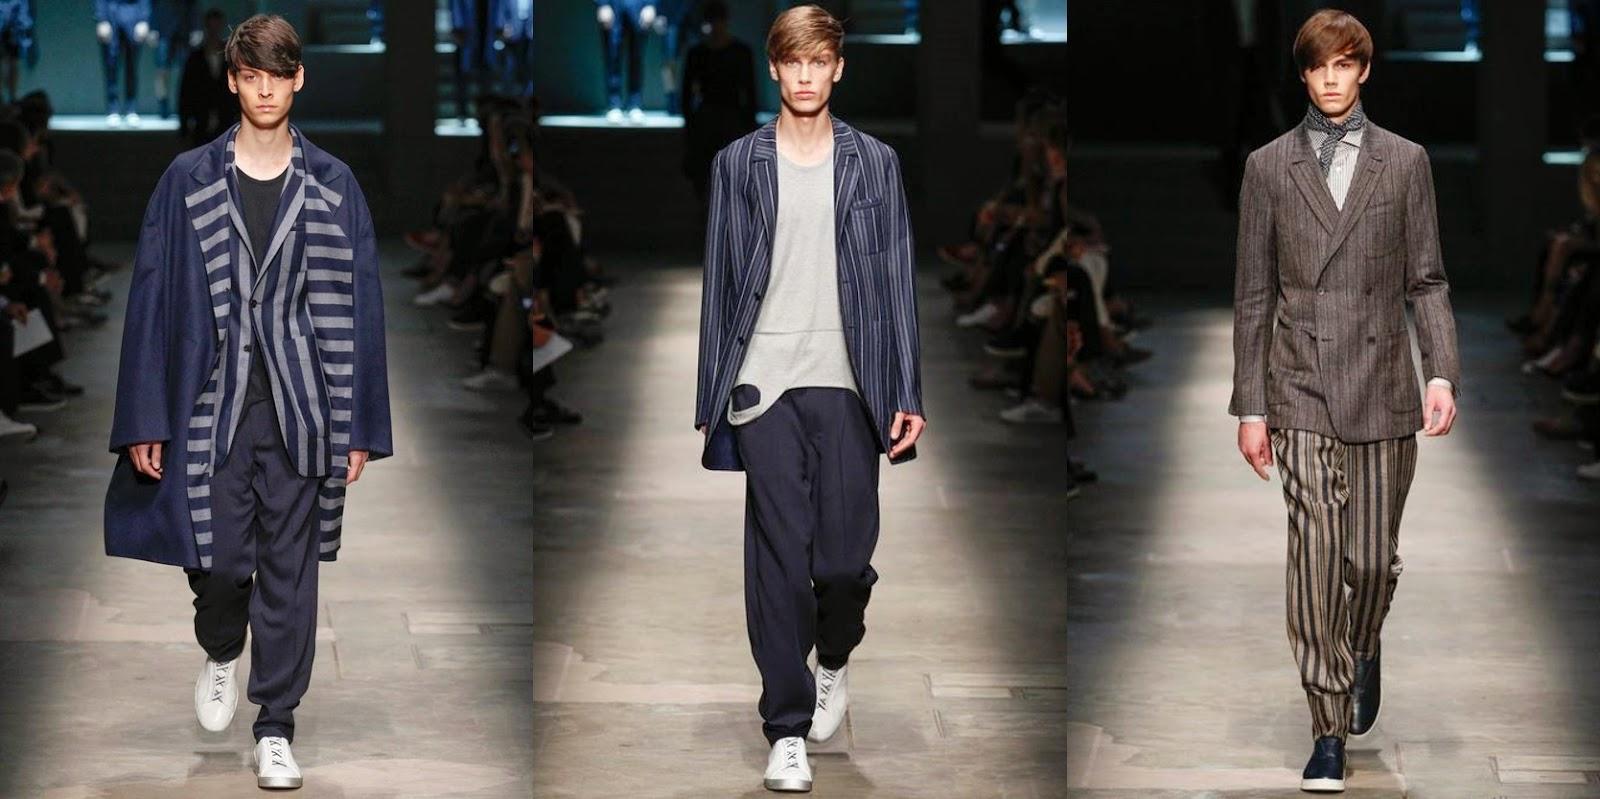 fdabeed812 Oh, by the way...: BEAUTY: Clothing--Milano Moda Uomo SS '15 STRIPES!